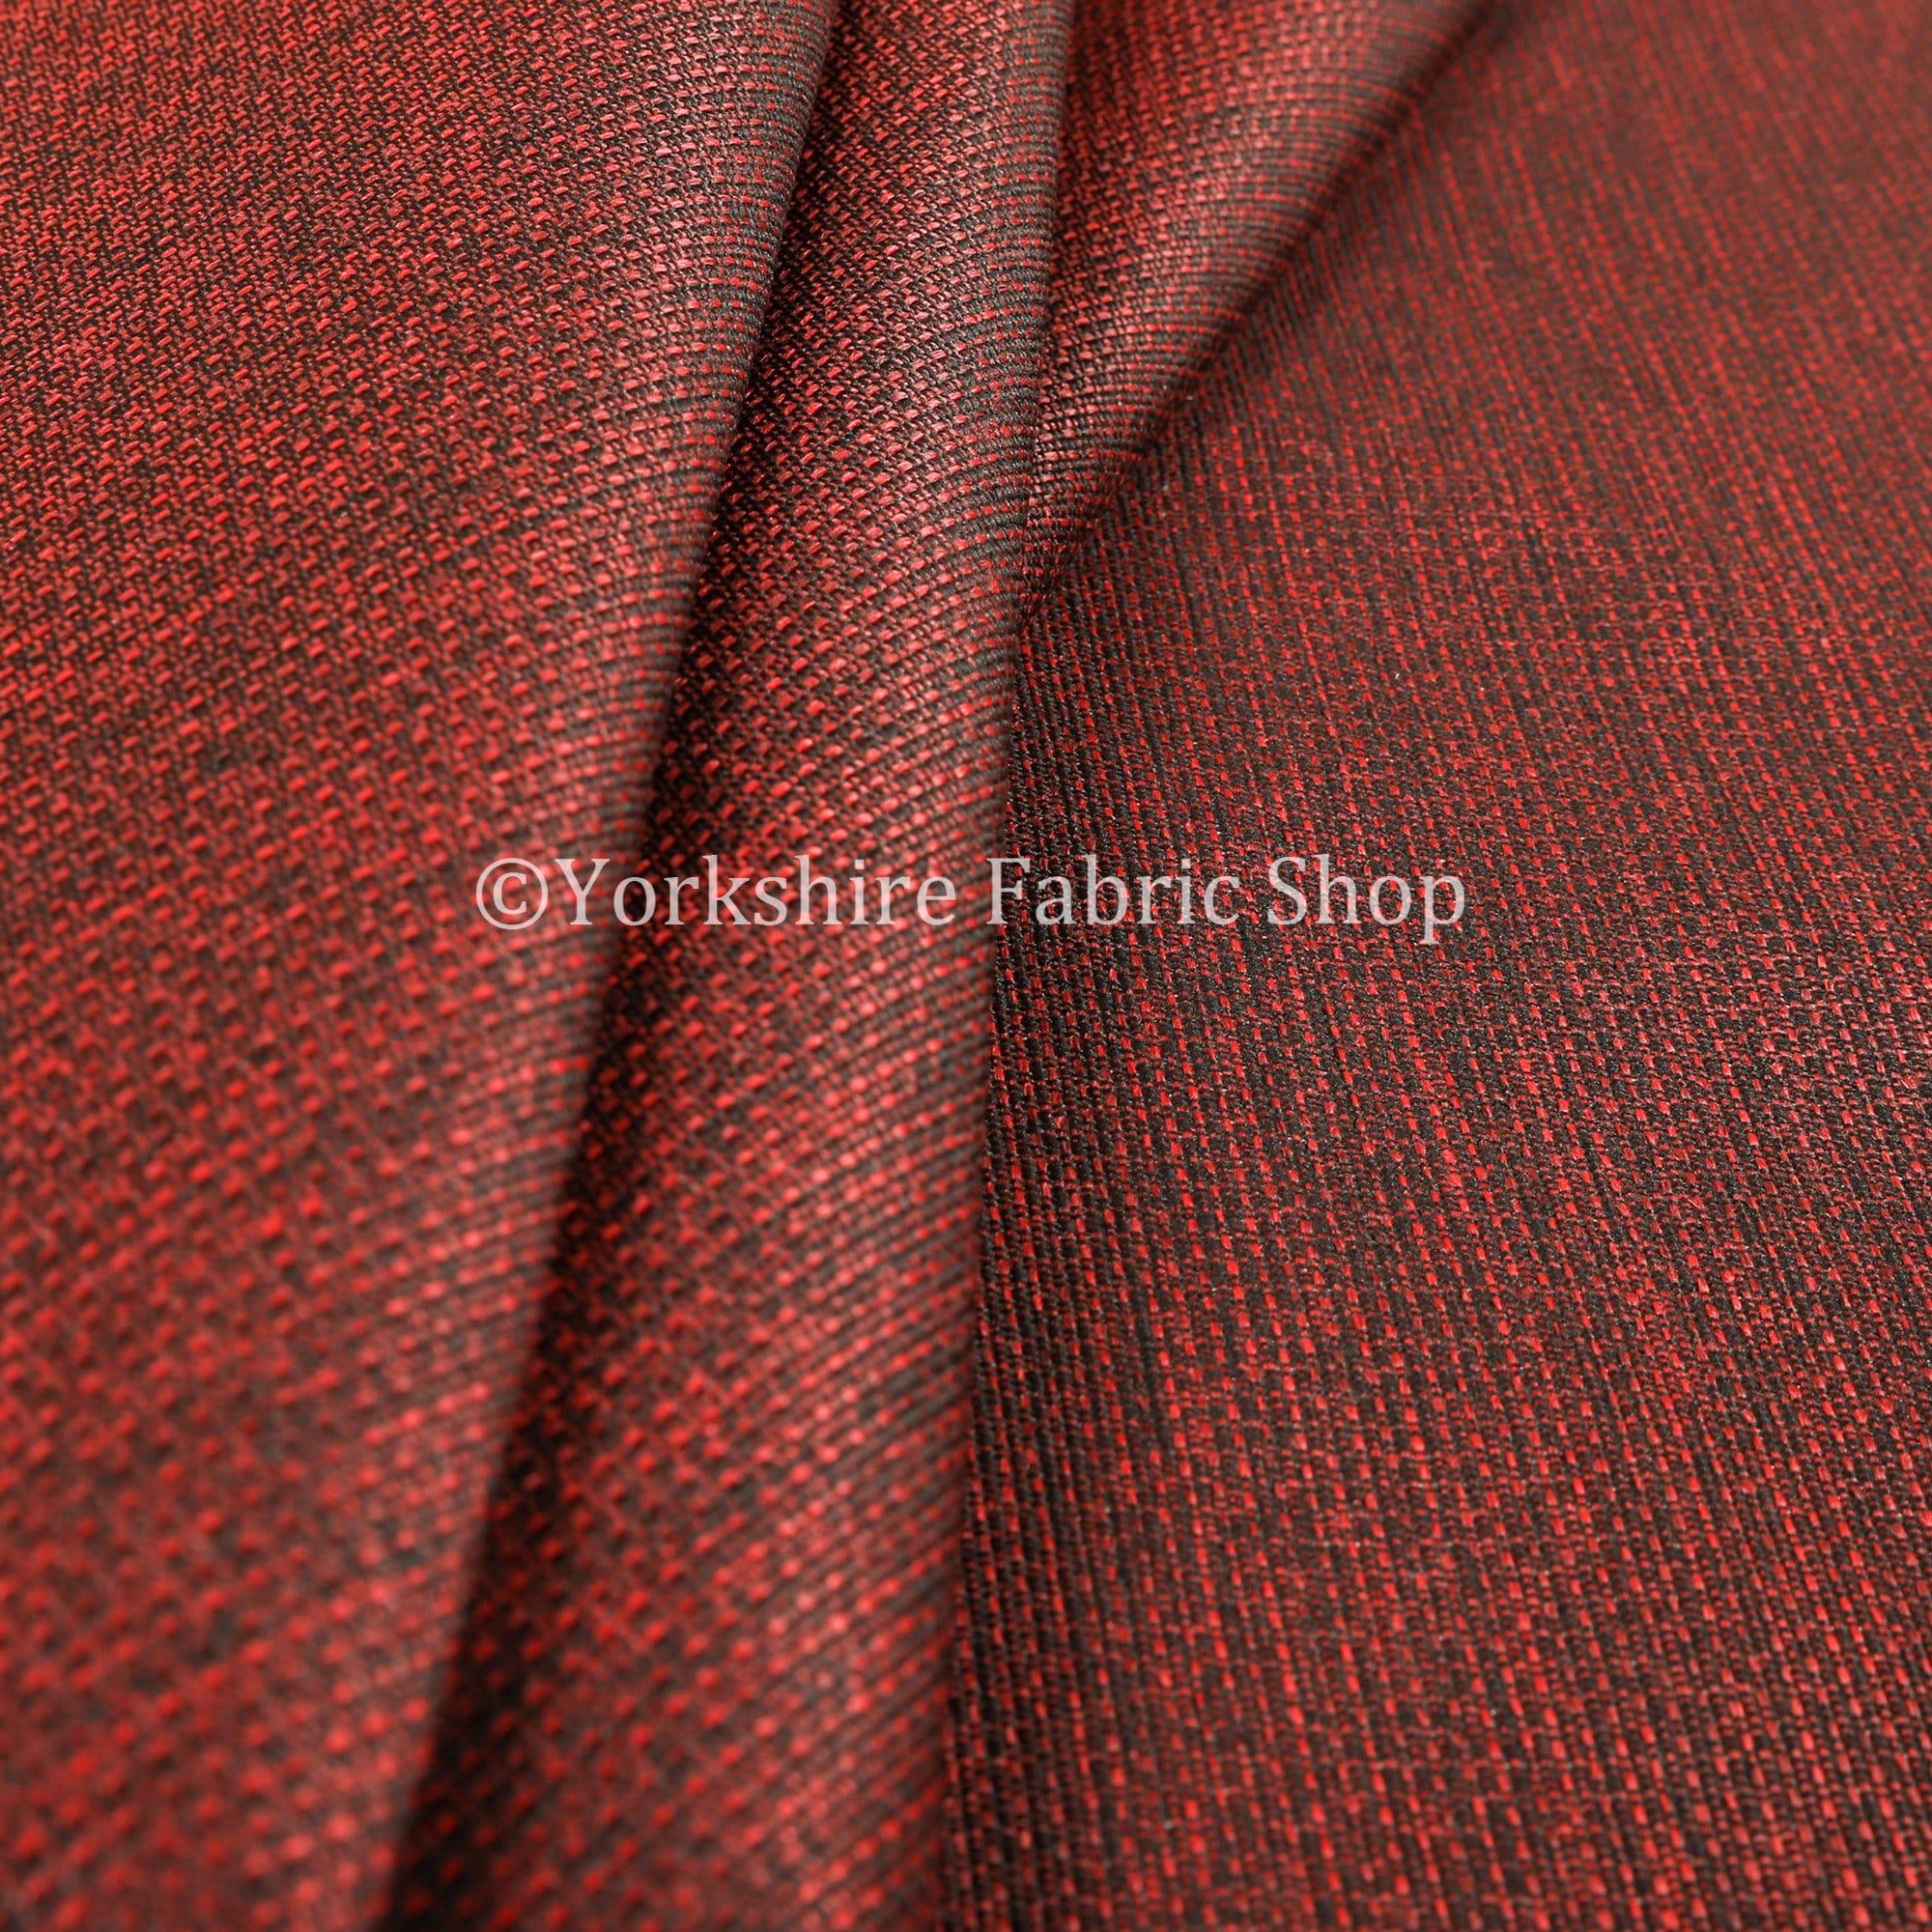 Chenille Chenille Chenille moderne plaine lisse texturé ameublement rouge Rideau tissu - vendu par 10 mètres longueur tissu d'ameublement 885755